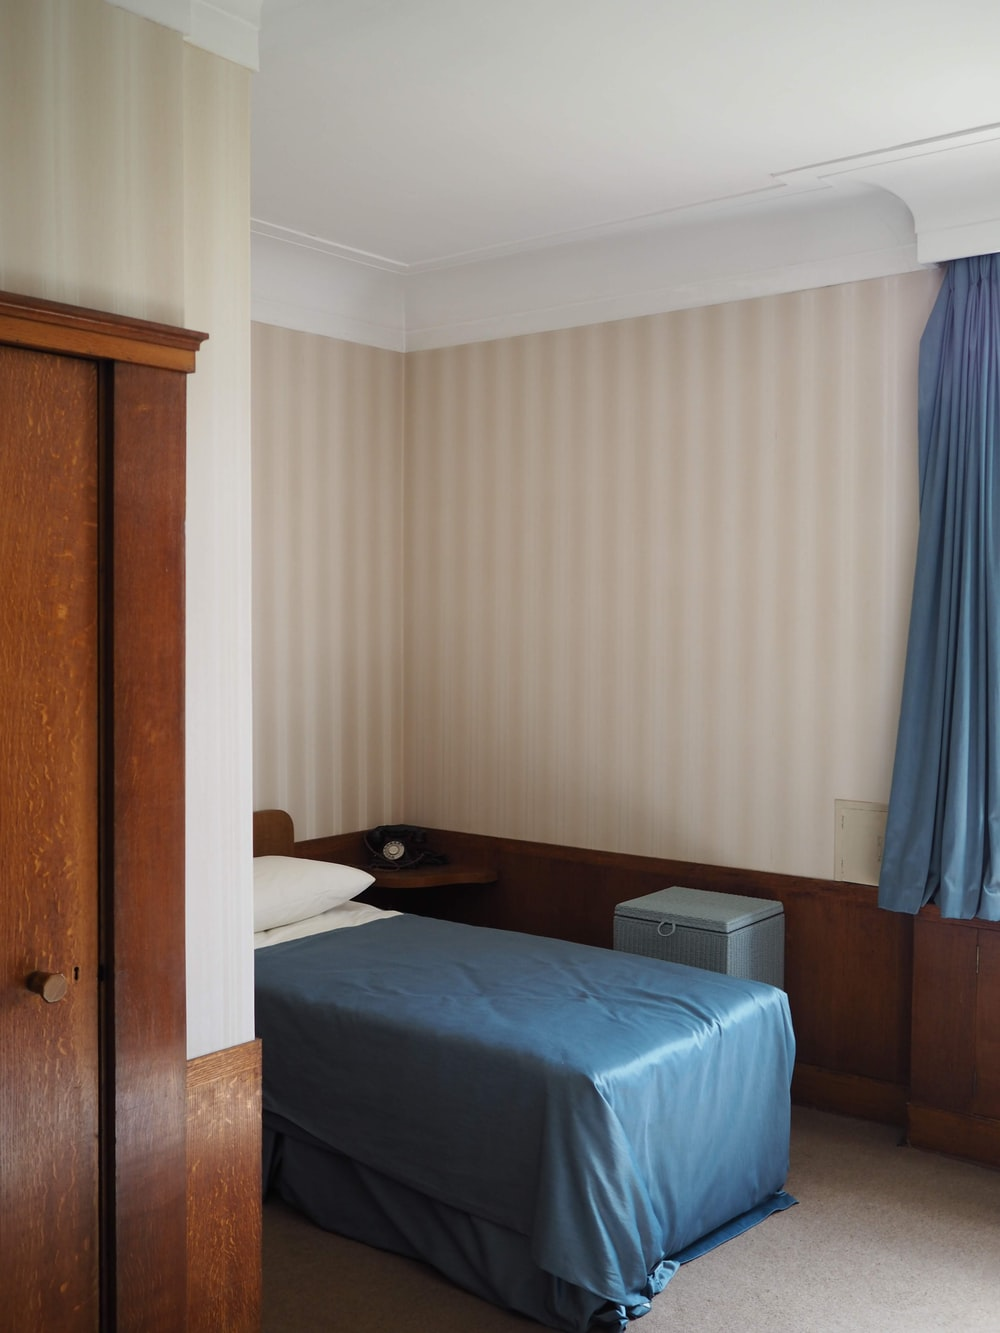 blue bed linen near brown wooden door